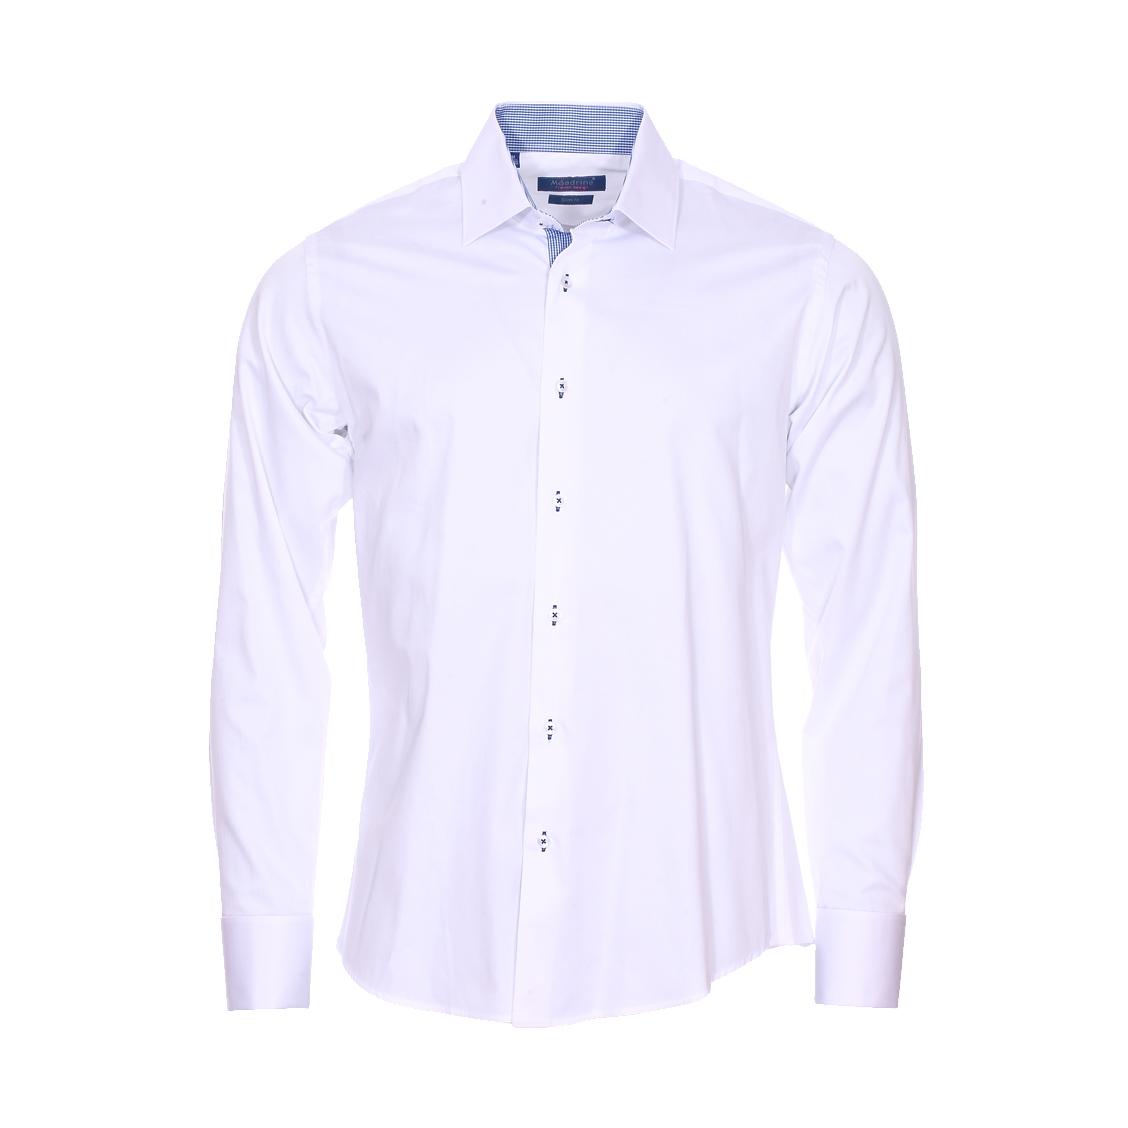 Chemise cintrée  en coton blanc à opposition à carreaux vichy bleu ciel et blancs